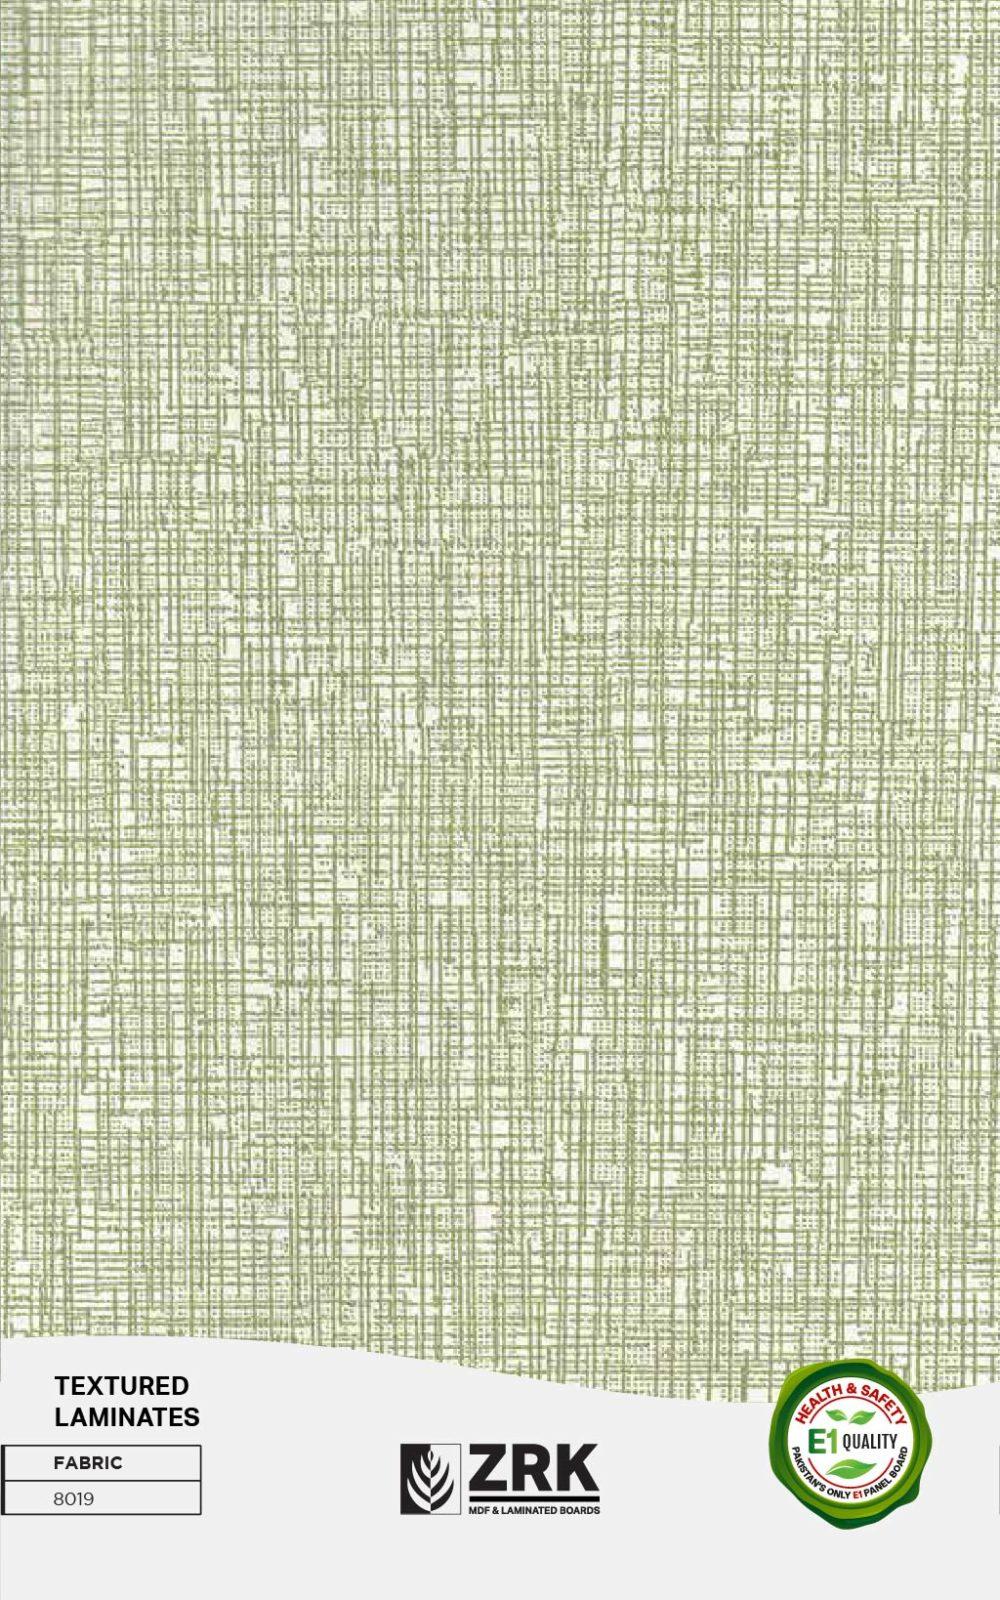 Textured Laminates - 8019 - Fabric